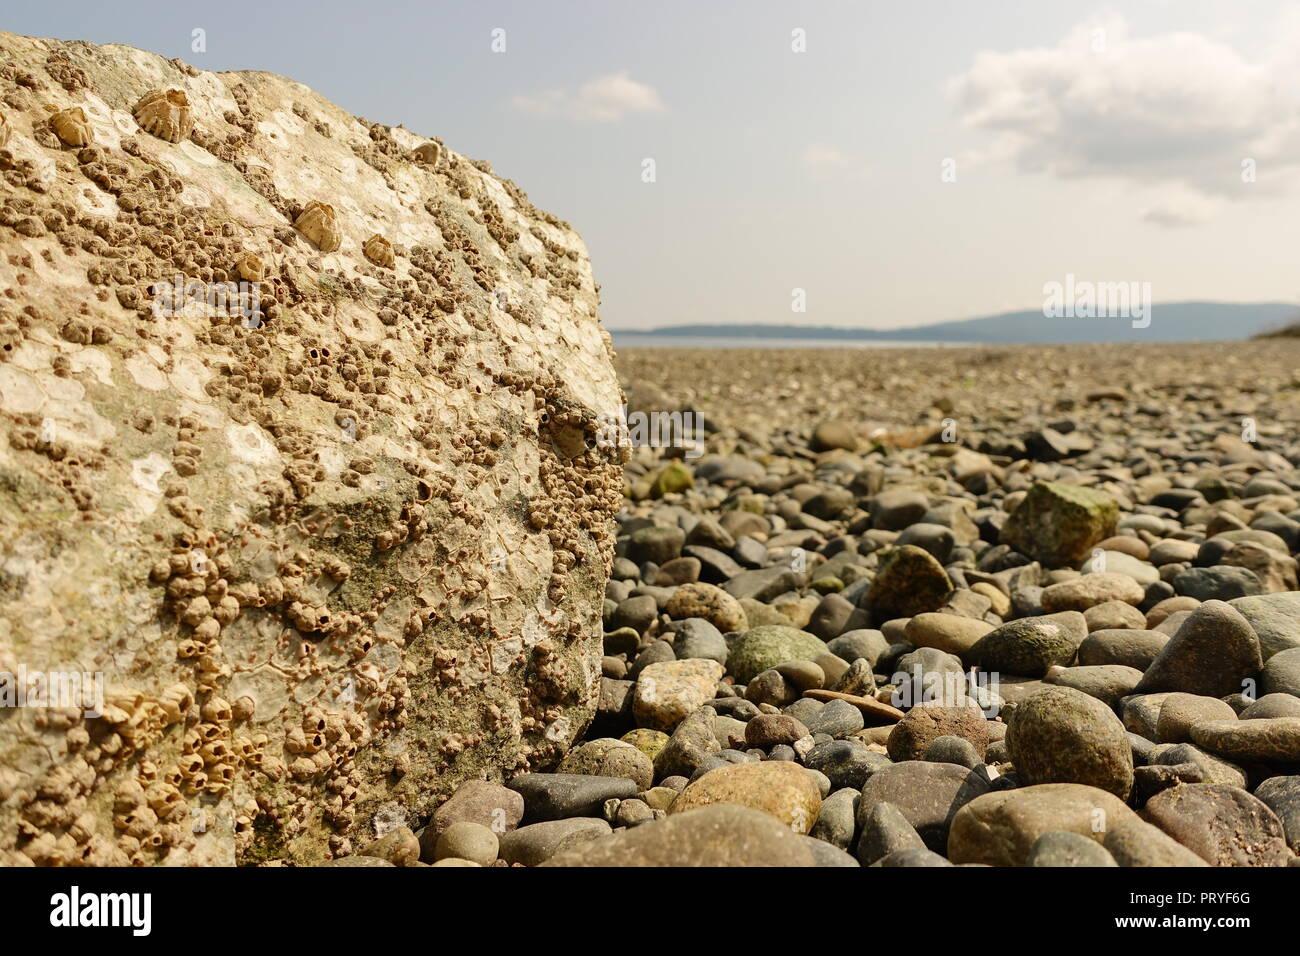 Un viejo clavo en un trozo de madera a la deriva en el borde de una playa de la isla de la costa oeste. La uña parece haber estado en su lugar durante muchos años. Foto de stock